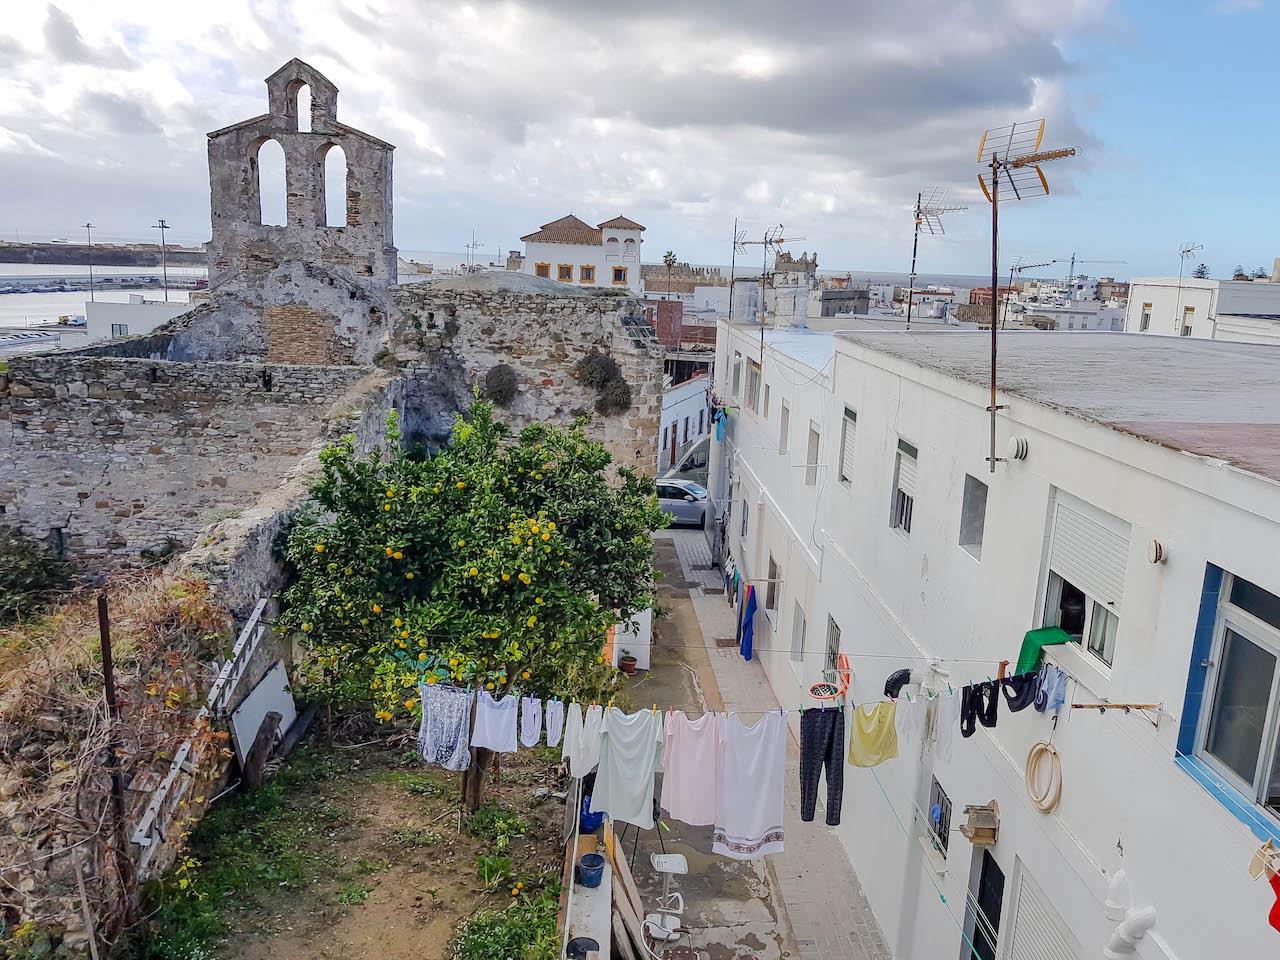 Blick auf Wäscheleine von der alten Stadtmauer in Tarifa.